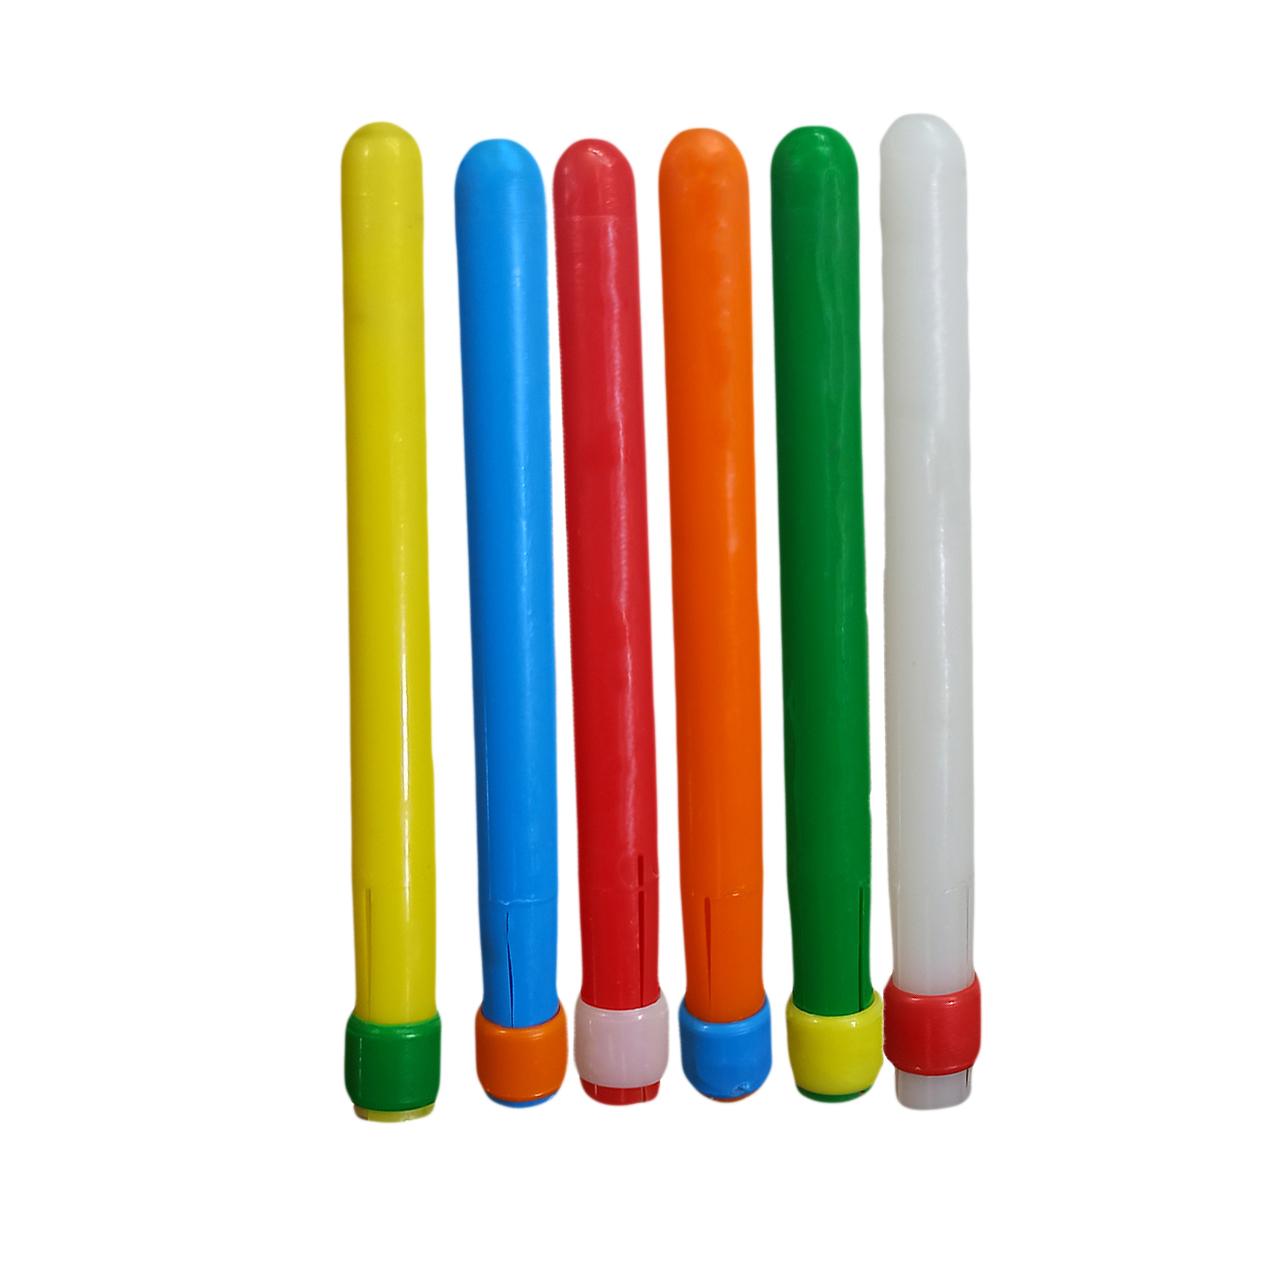 مداد گیر مدل colorful بسته  6 عددی